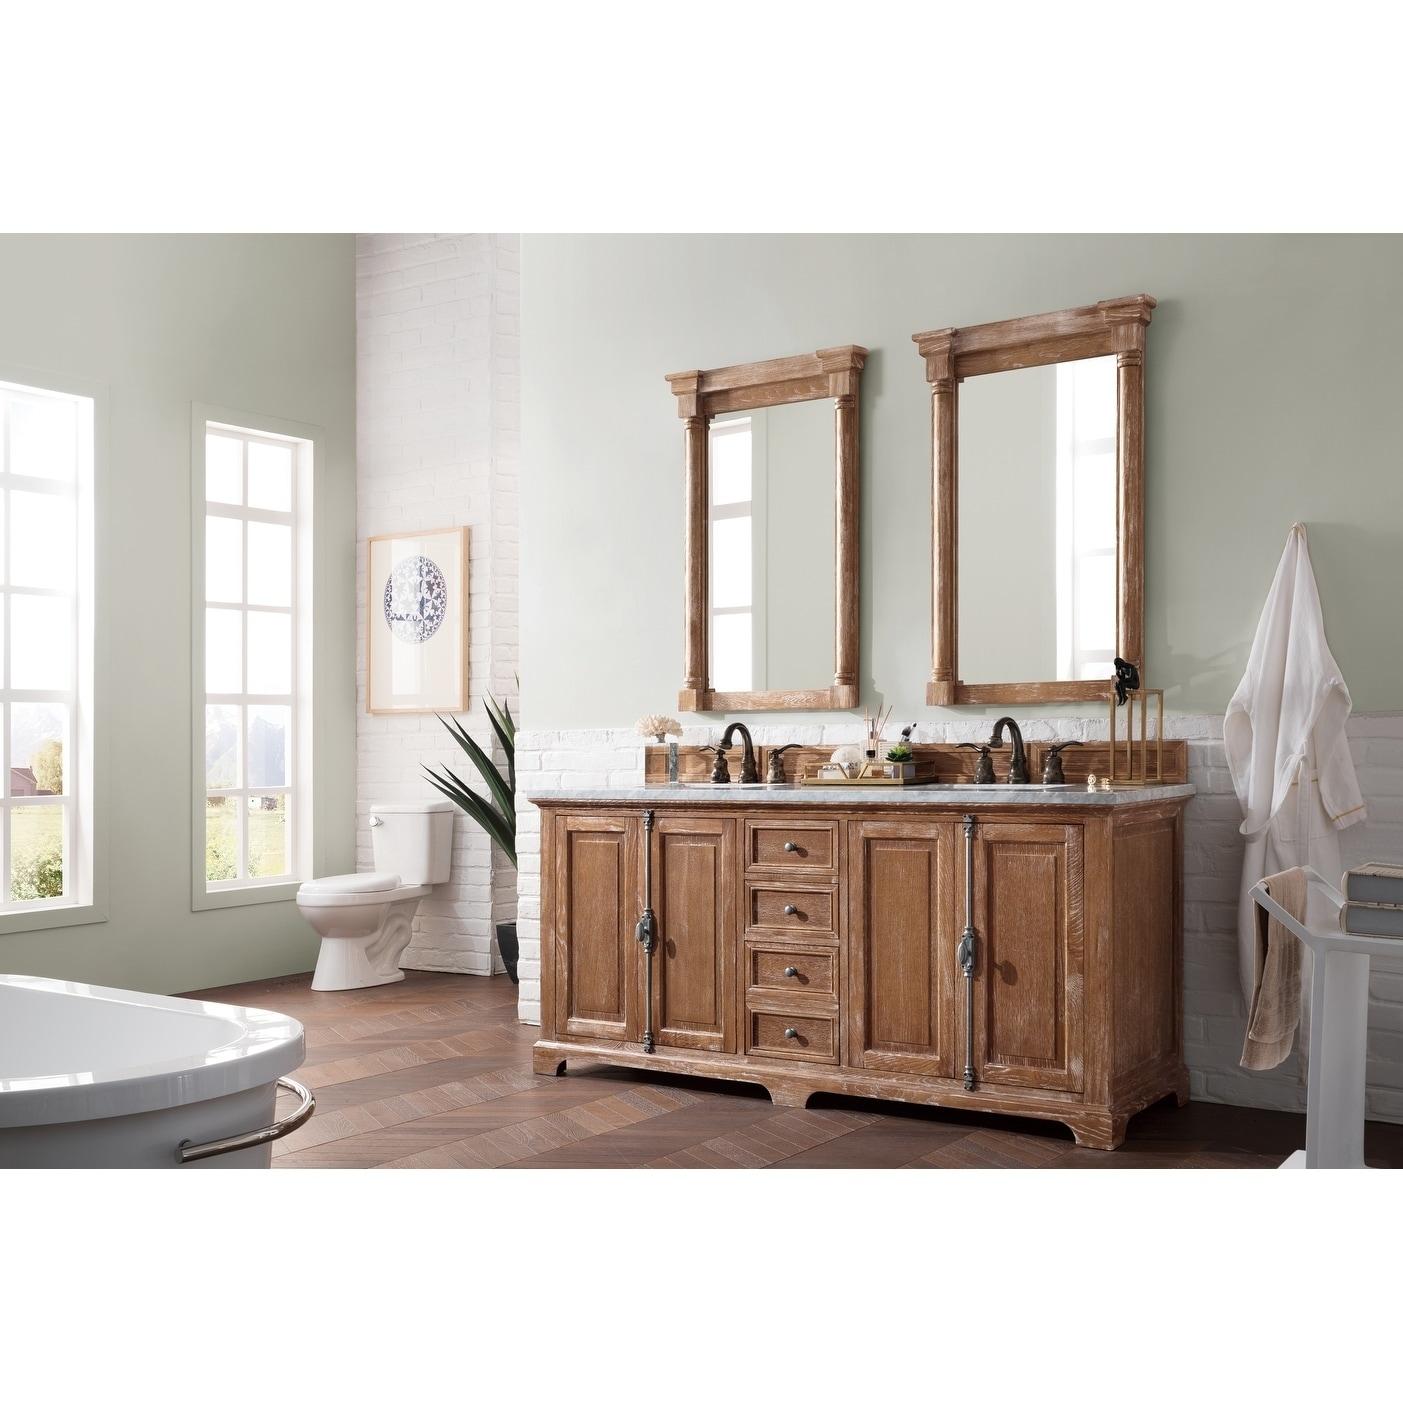 double sink marcos wtp vanity bathroom vanities set